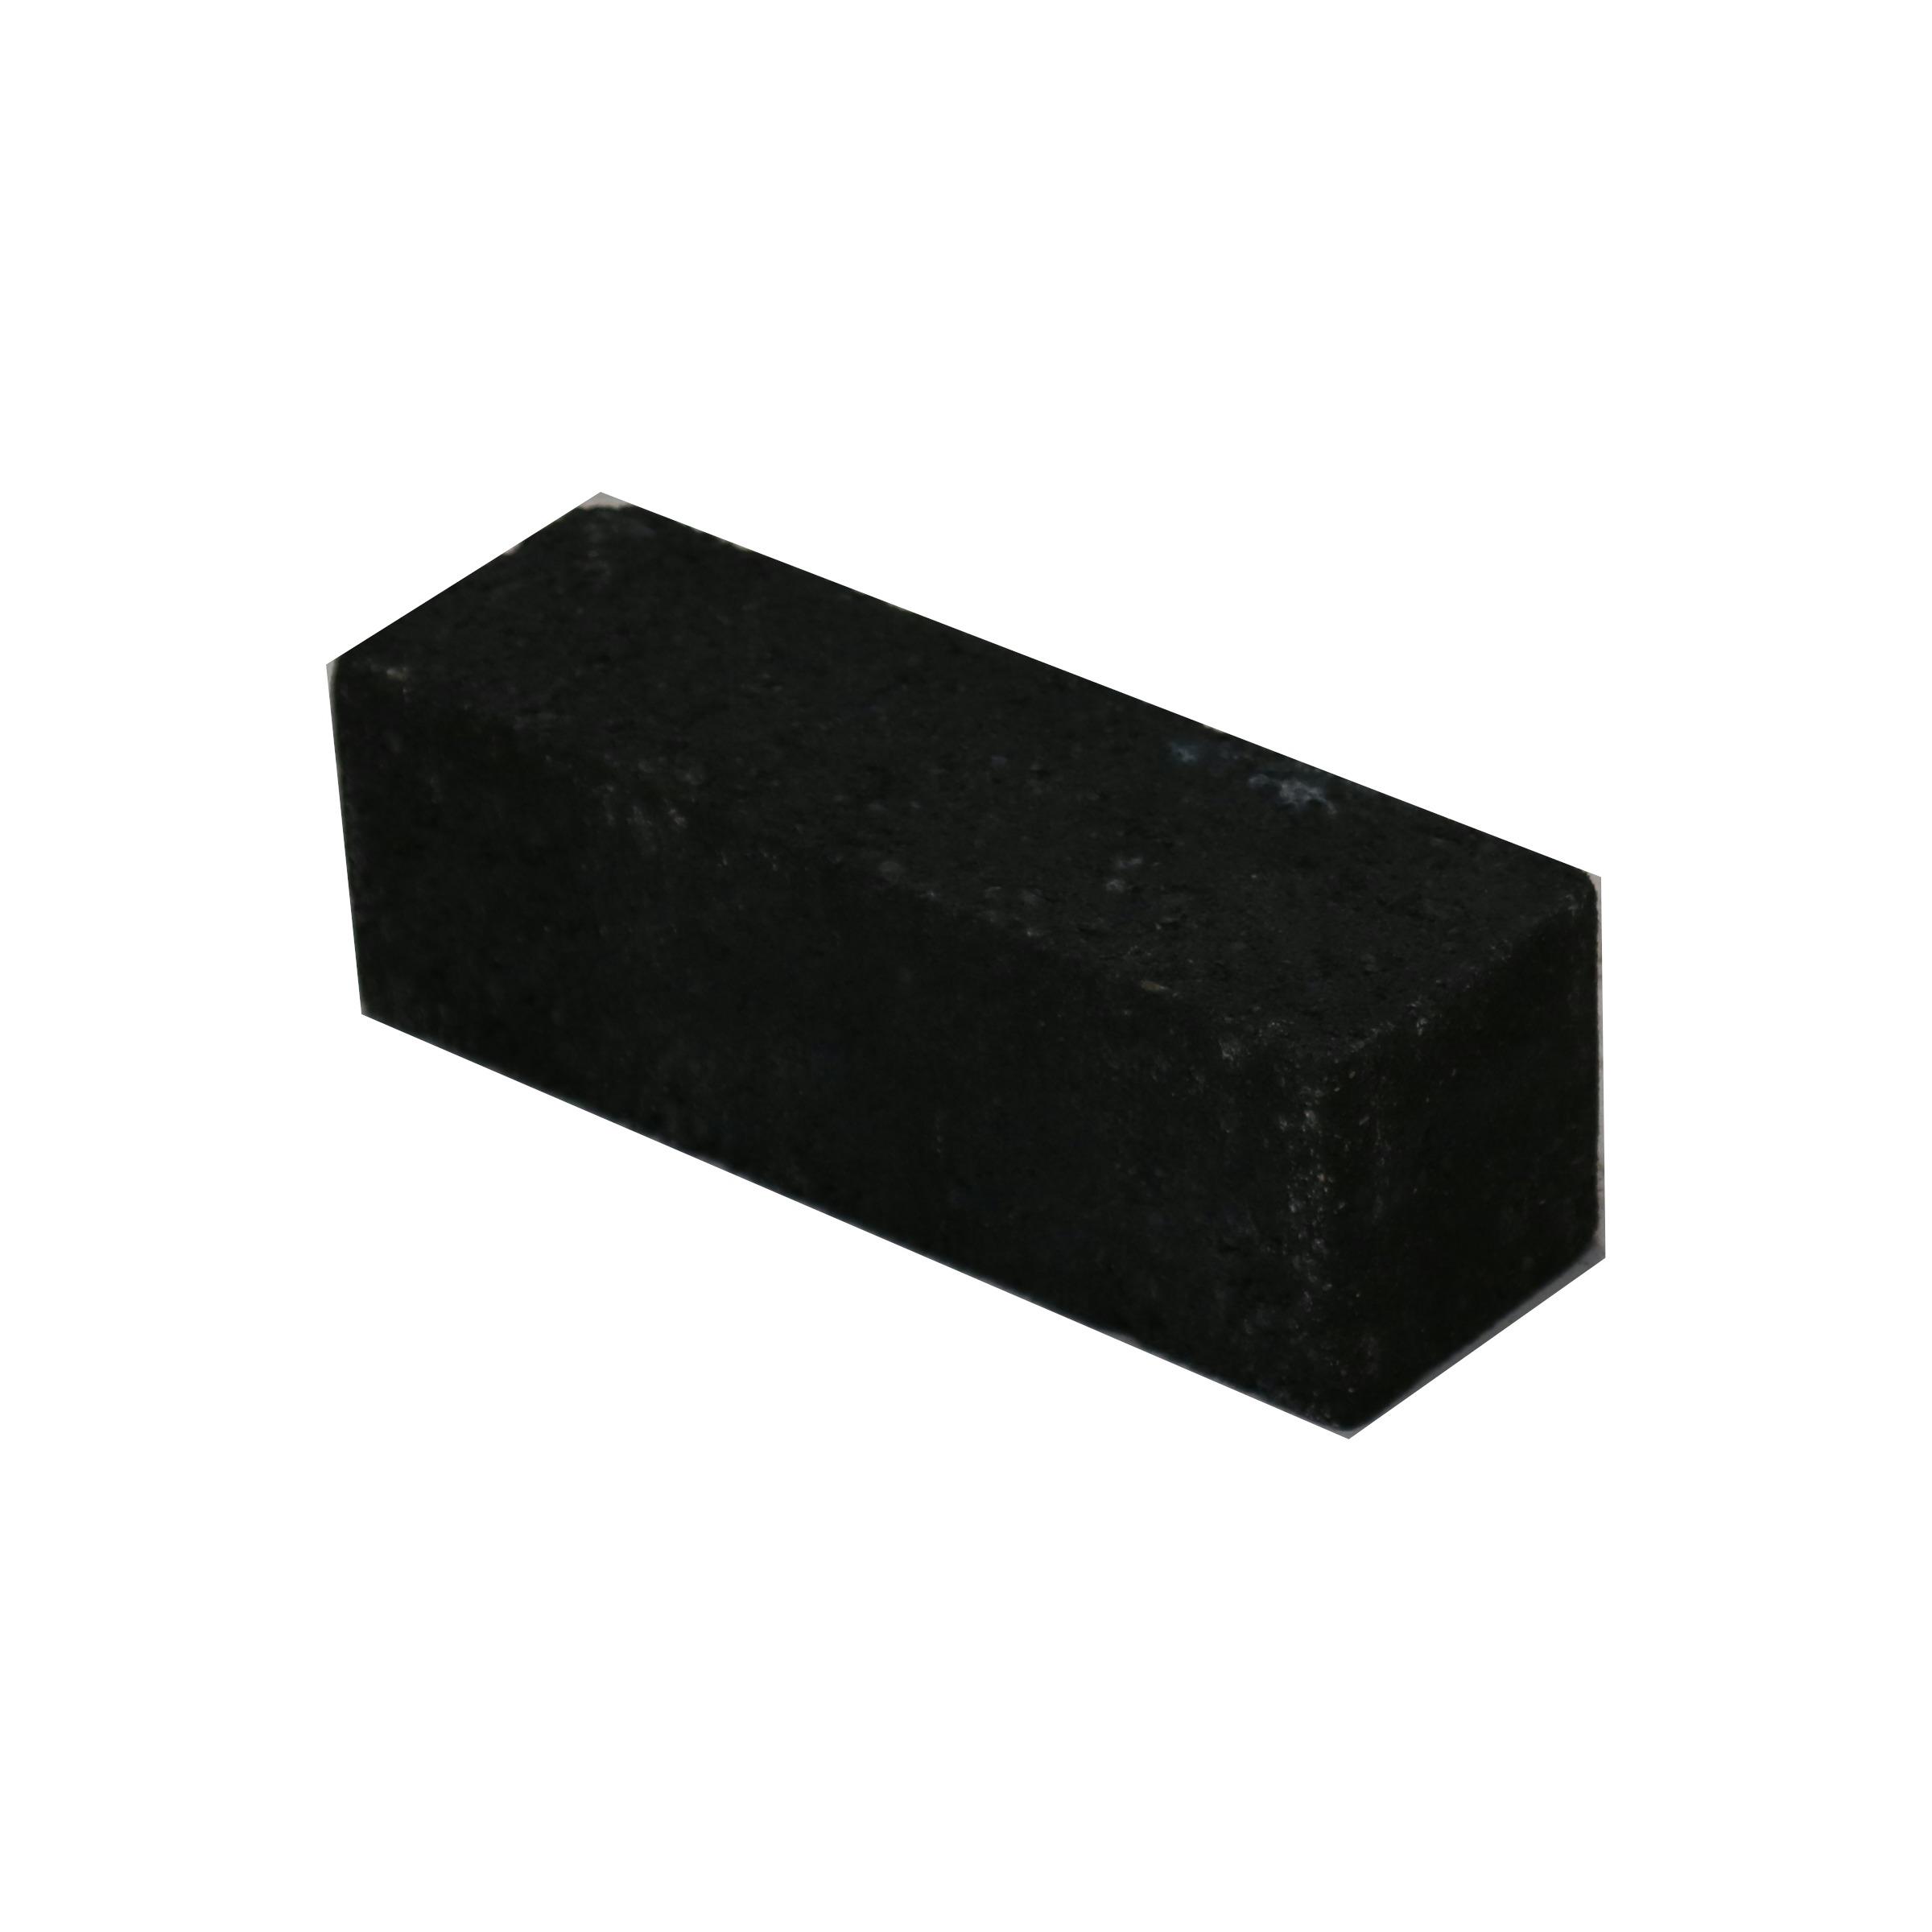 Klinker Beton Antraciet Dikformaat 21x7x7 cm - 459 Klinkers - 4,59 m2